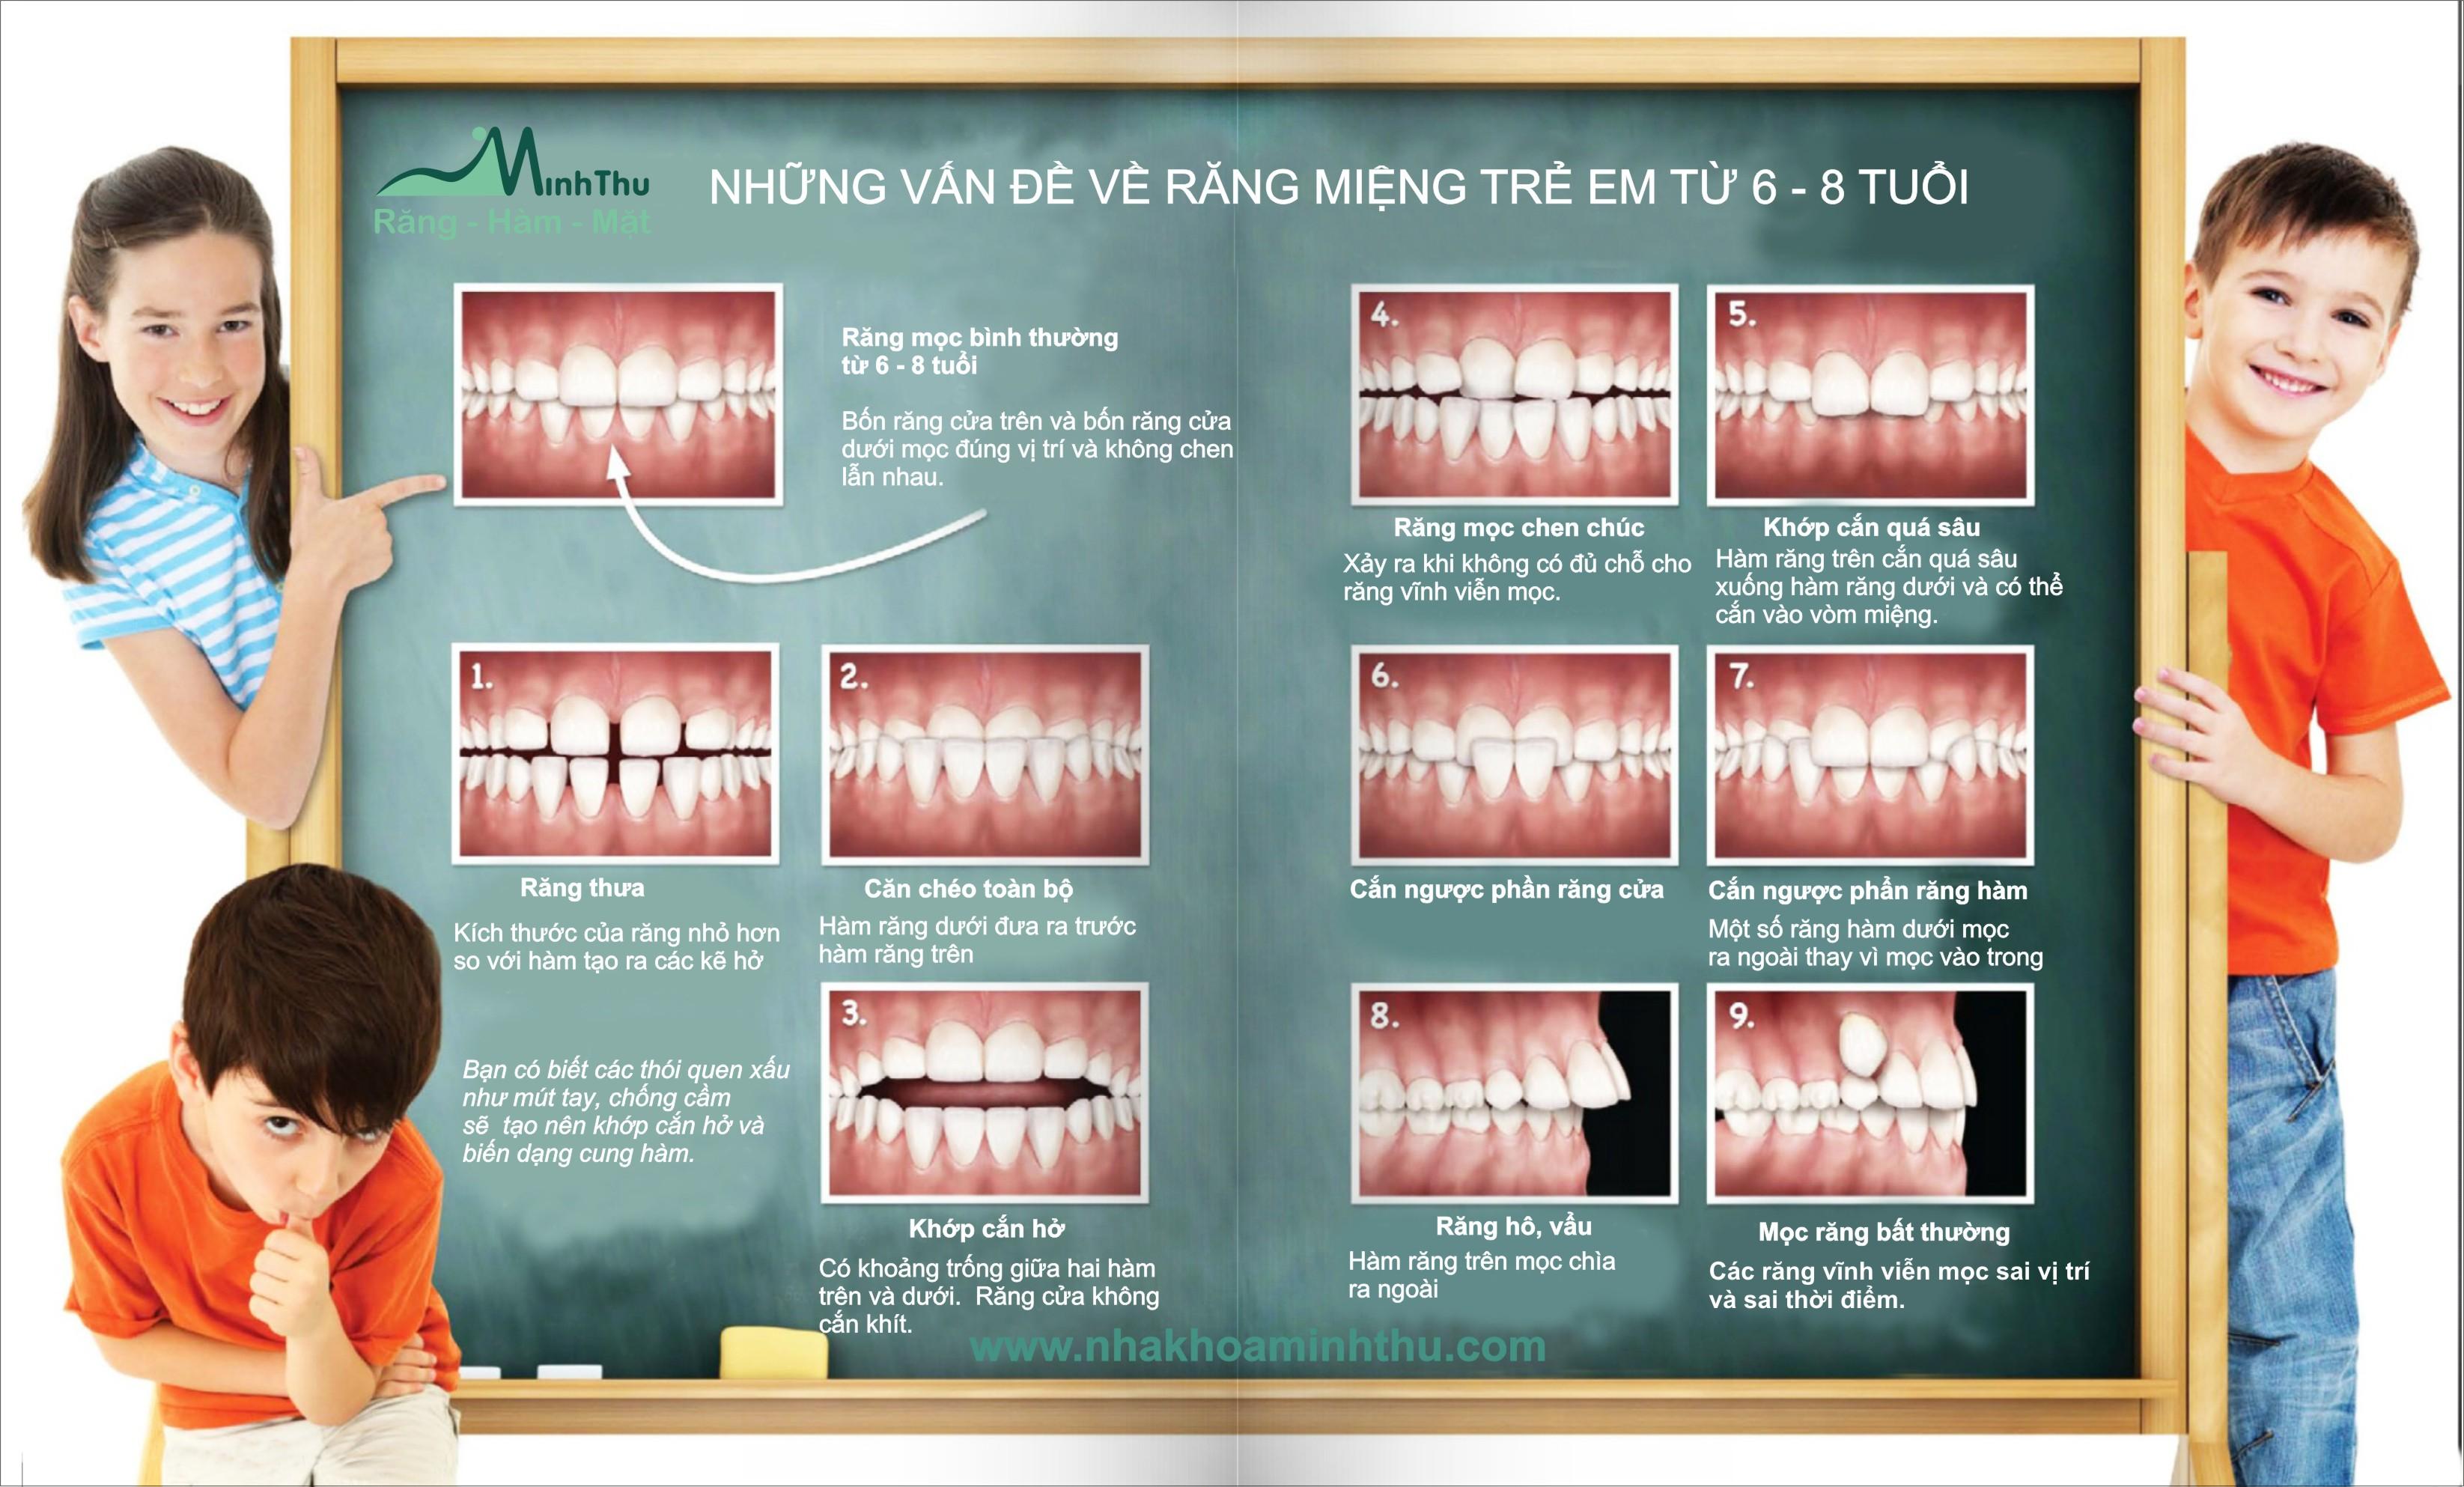 Việc chỉnh nha sớm là giai đoạn chuẩn bị đem lại hiệu quả cho giai đoạn chỉnh nha sau khi răng vĩnh viễn đã mọc đầy đủ mà chúng ta vẫn quen ...